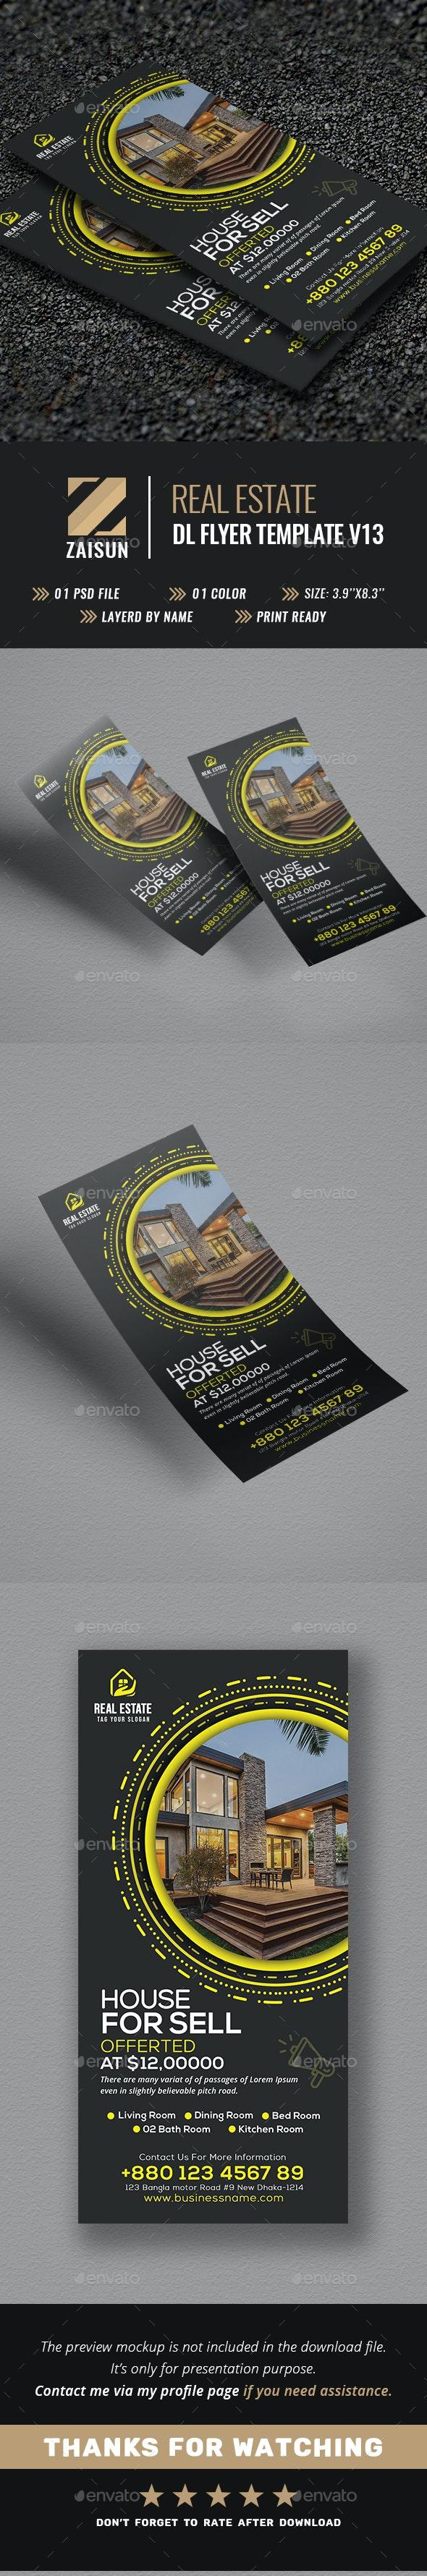 Real Estate DL Flyer V13 - Flyers Print Templates